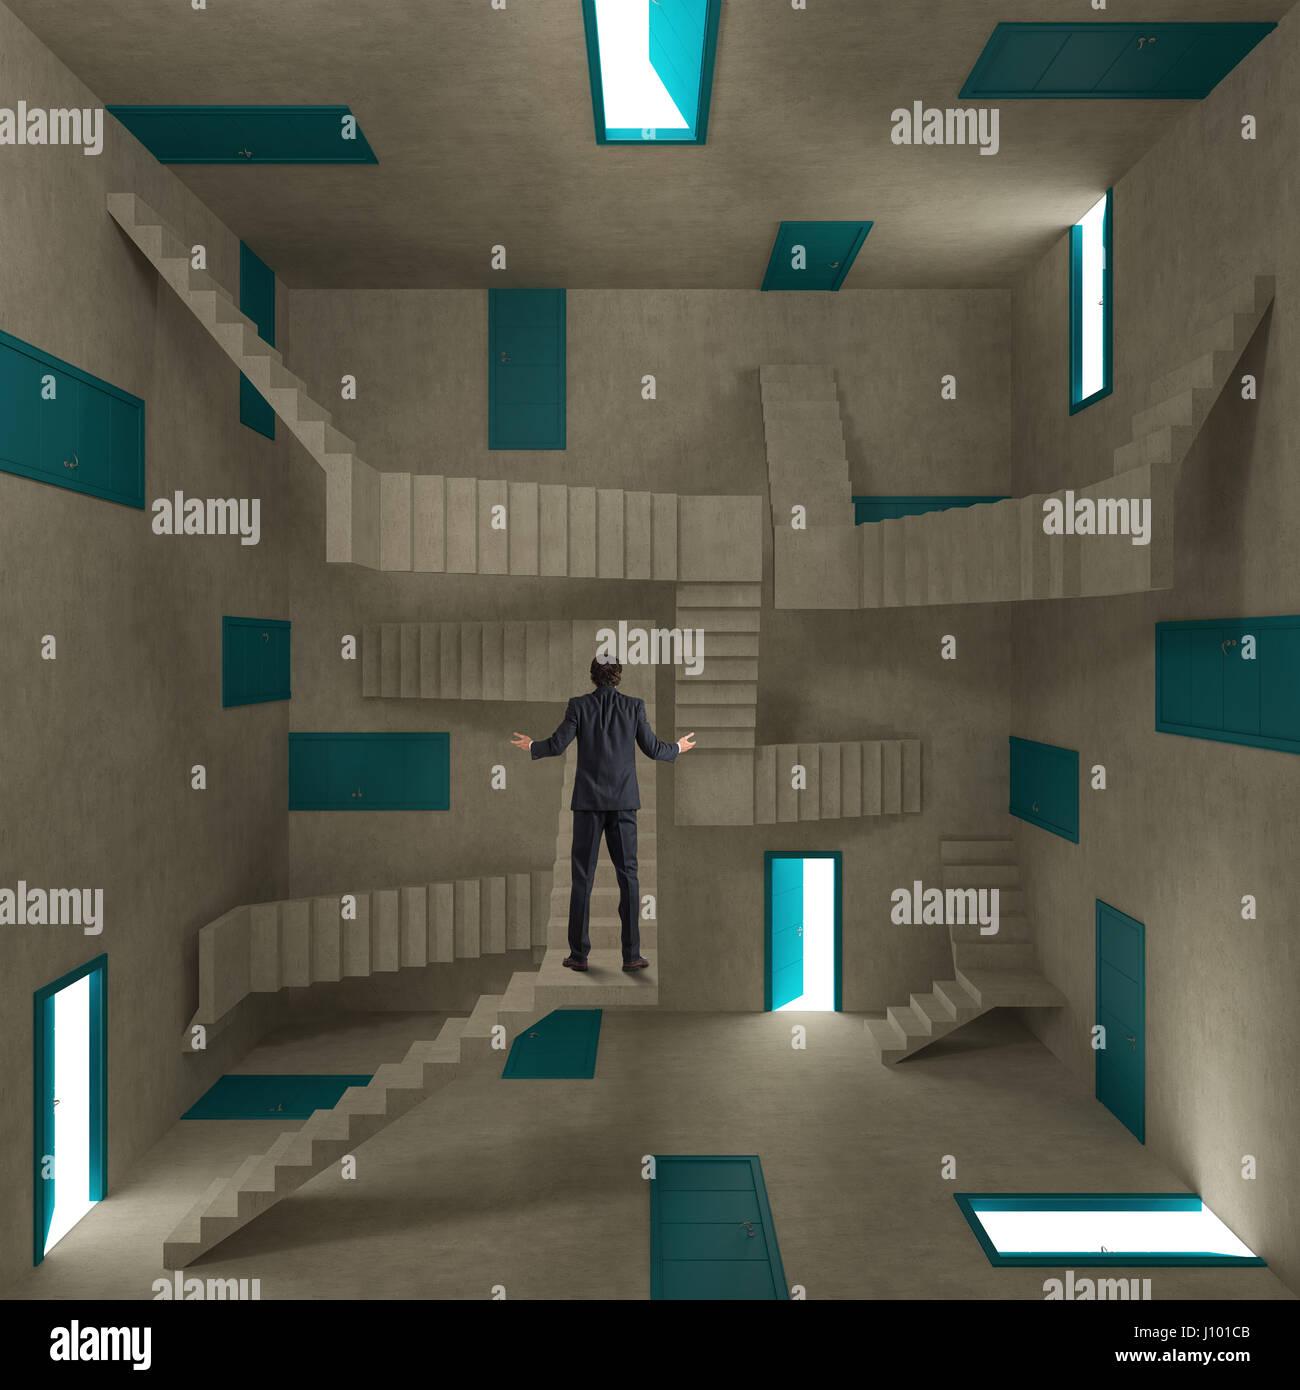 Empresario confuso en una habitación llena de puertas y escaleras Imagen De Stock